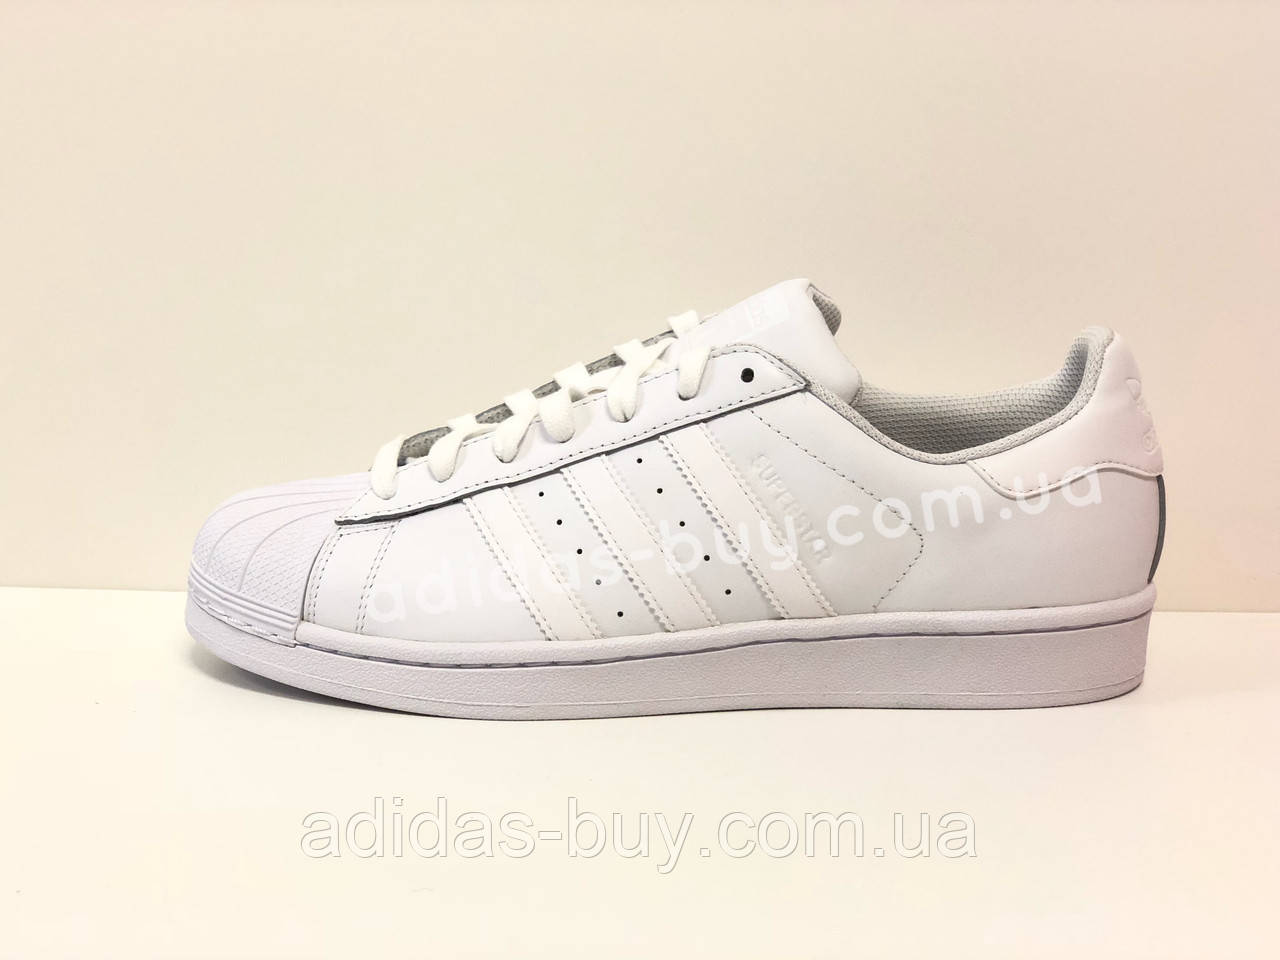 4651d23d9 Мужские оригинал кожаные кроссовки Adidas Superstar Foundation B27136  цвет:белый сезон:Весна повседневные -